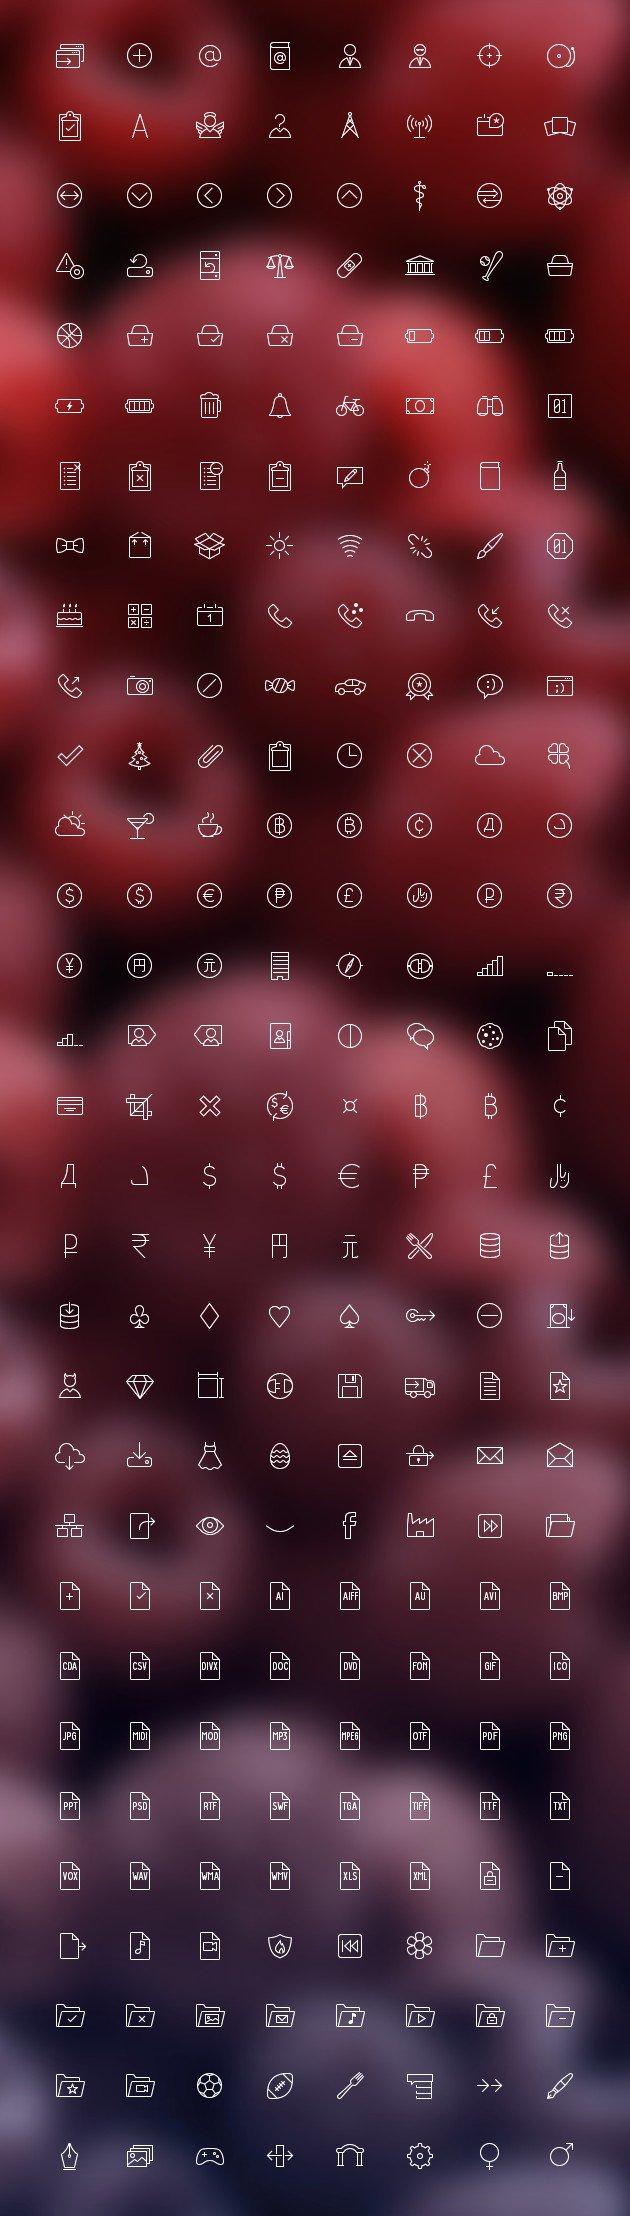 12.000 Line-Icons Megapack zu den verschiedensten Themen